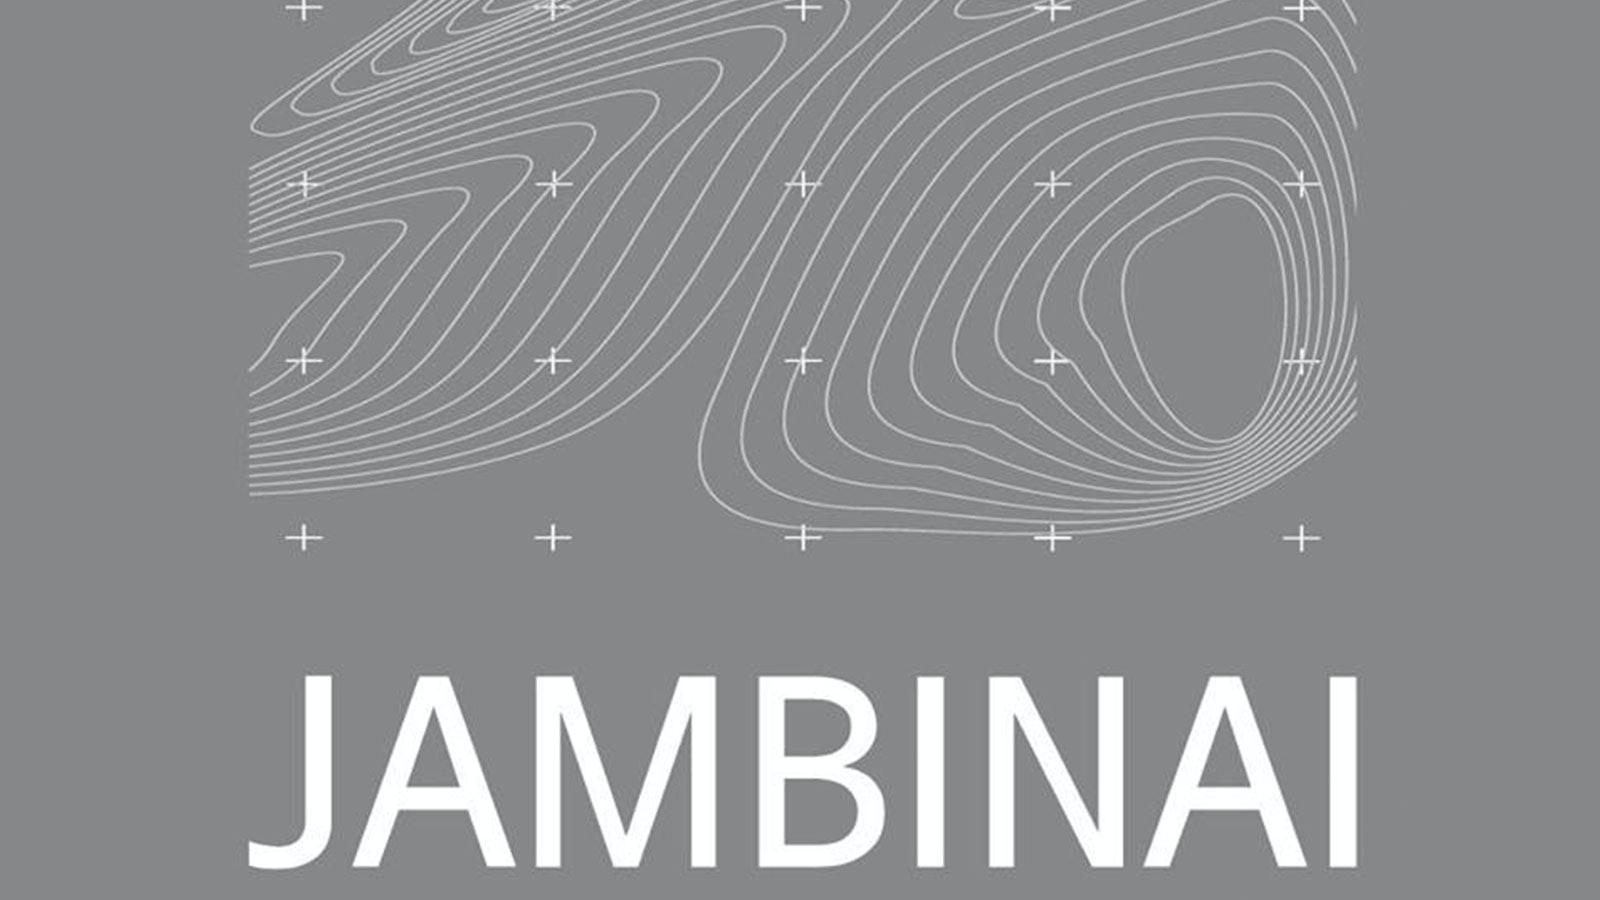 Jambinai – Night People, Manchester